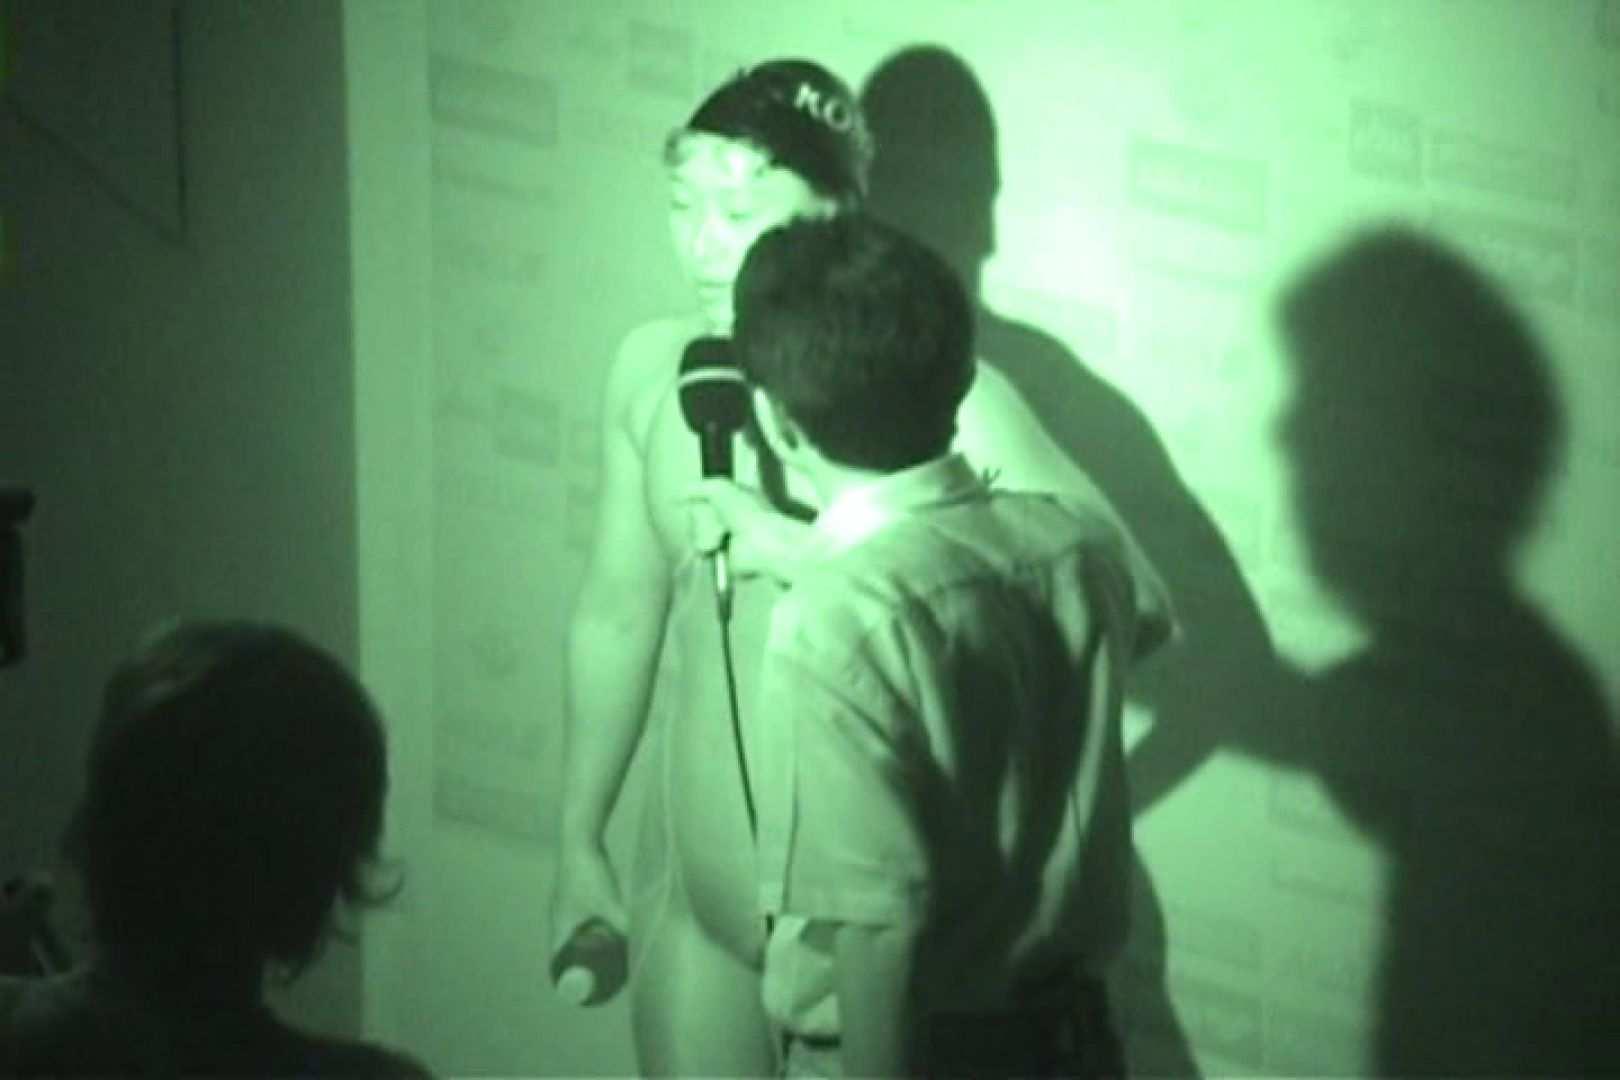 メダリスト達はみんなボーボーVol.4 赤外線 オマンコ動画キャプチャ 74画像 40